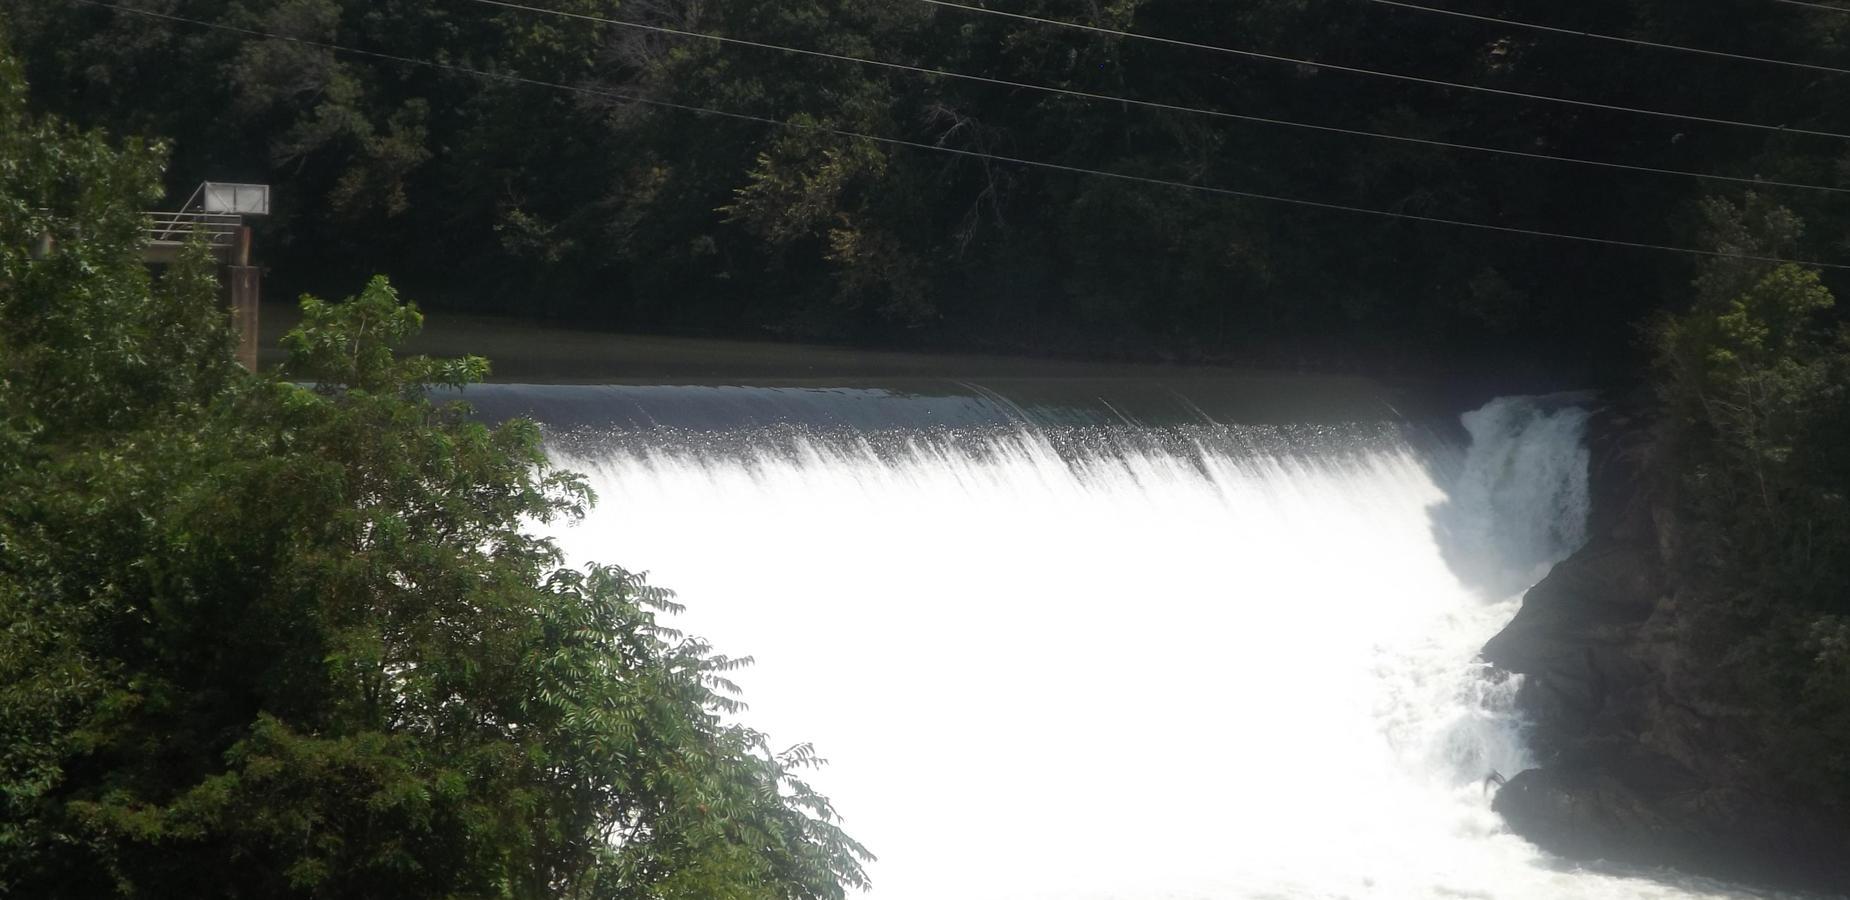 Nolachuckey Dam